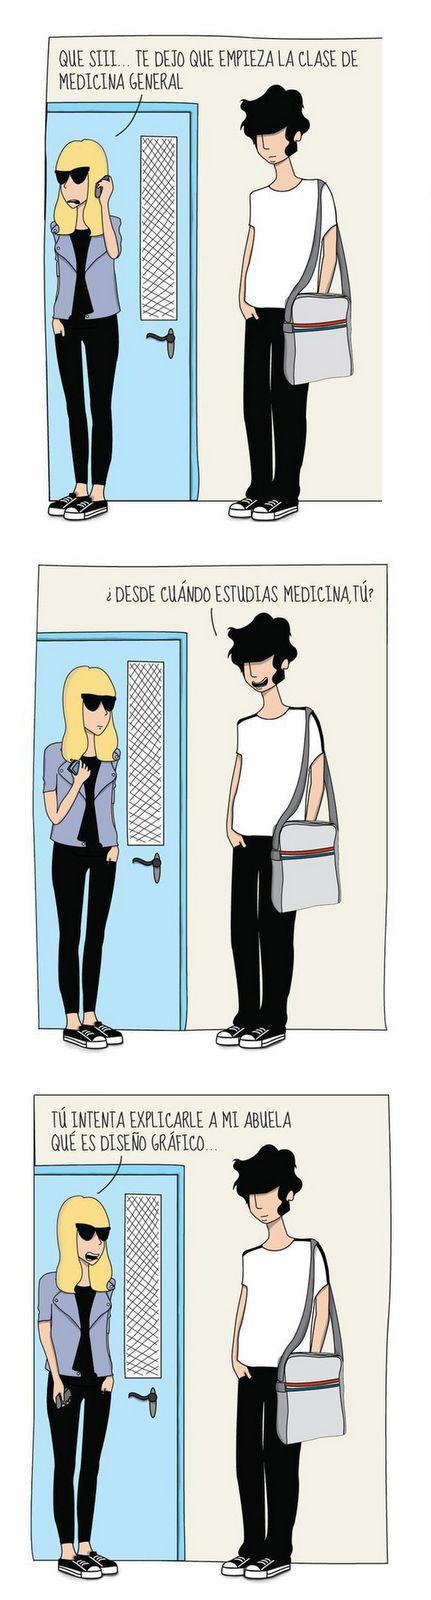 #ChistesparaDG: Fácil de explicar